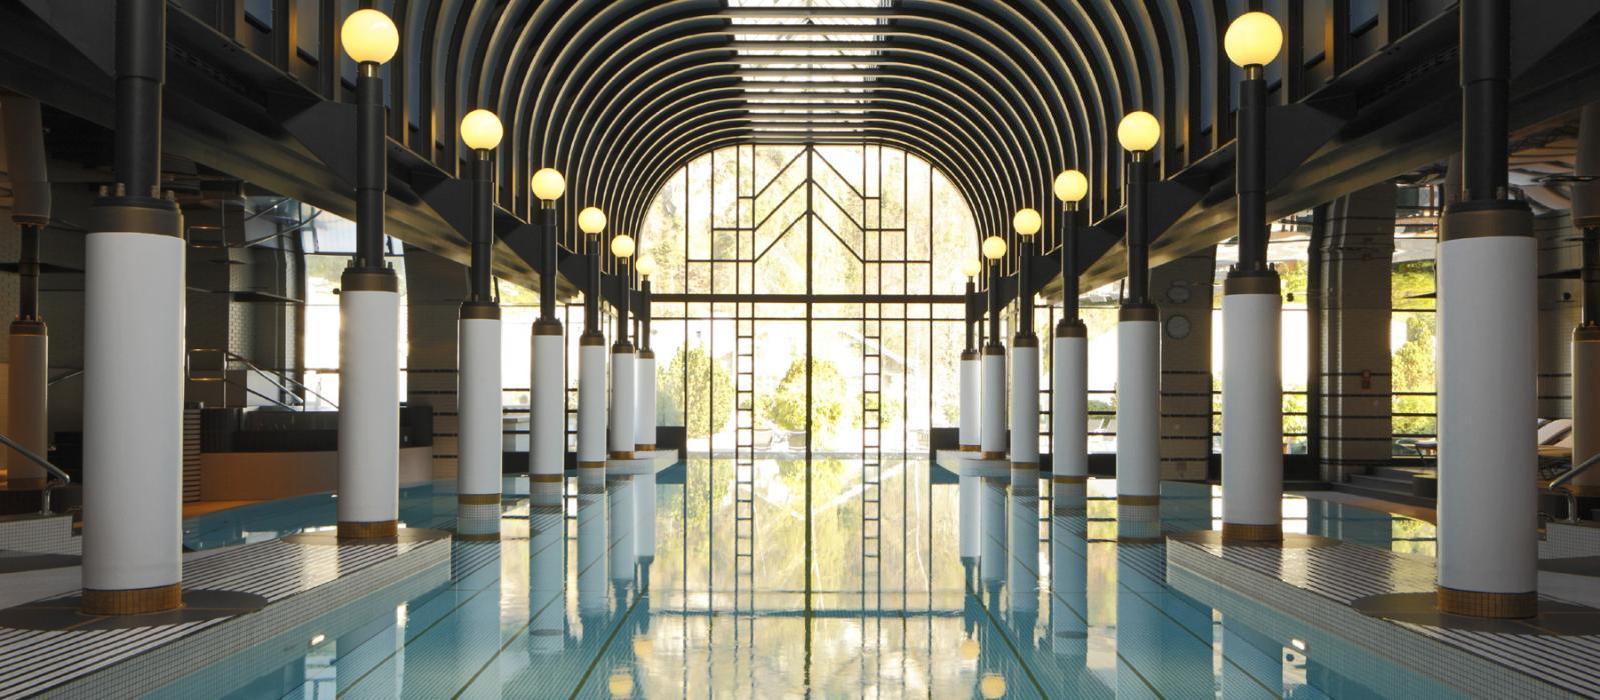 维多利亚少女峰山墅温泉酒店(Victoria-Jungfrau Grand Hotel and Spa)【 因特拉肯,瑞士】 活动  www.lhw.cn